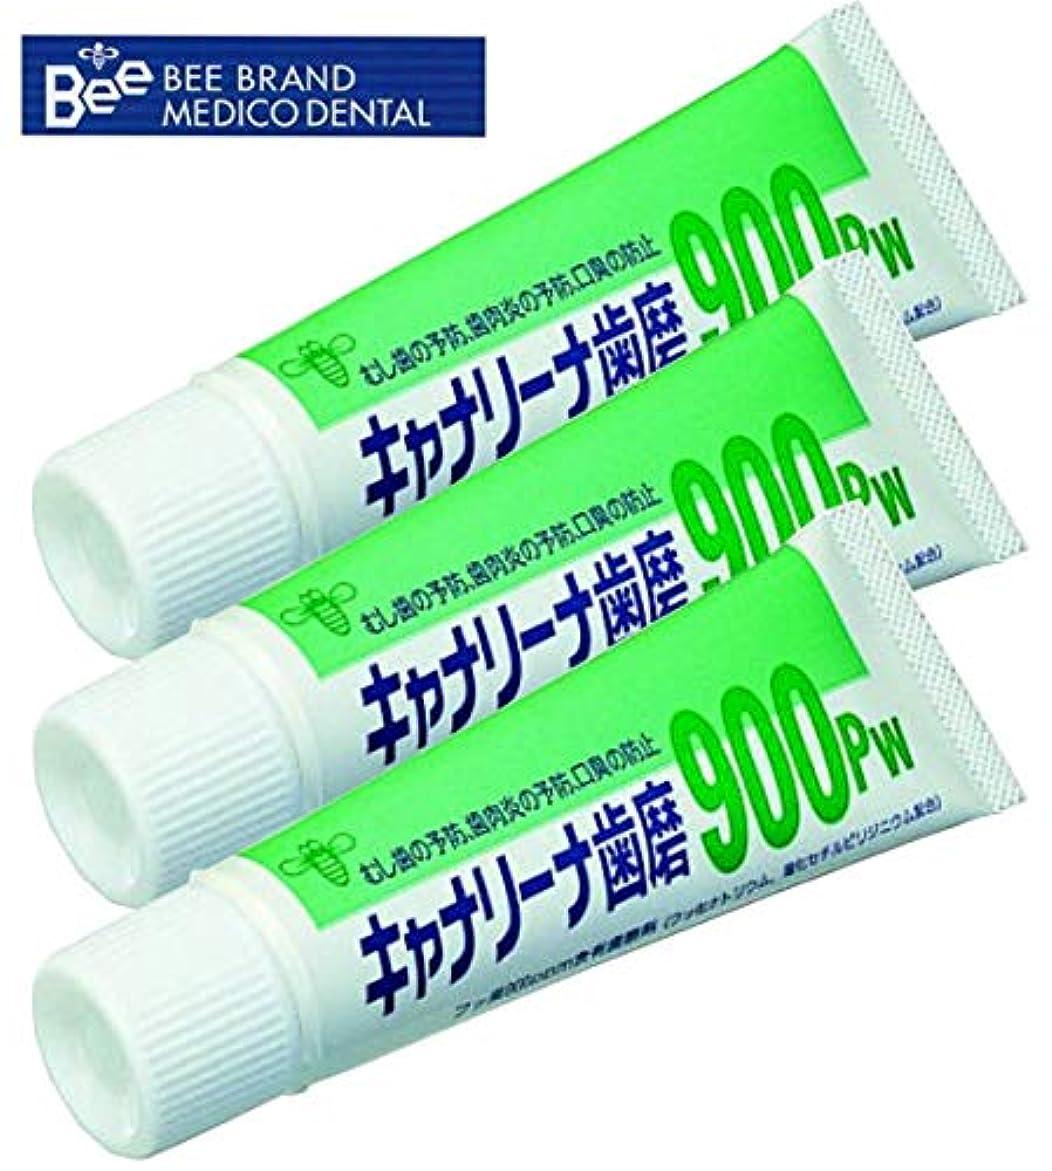 撃退するあいまいスクラップブックビーブランド(BeeBrand) キャナリーナ 歯磨 900Pw × 3本セット 医薬部外品